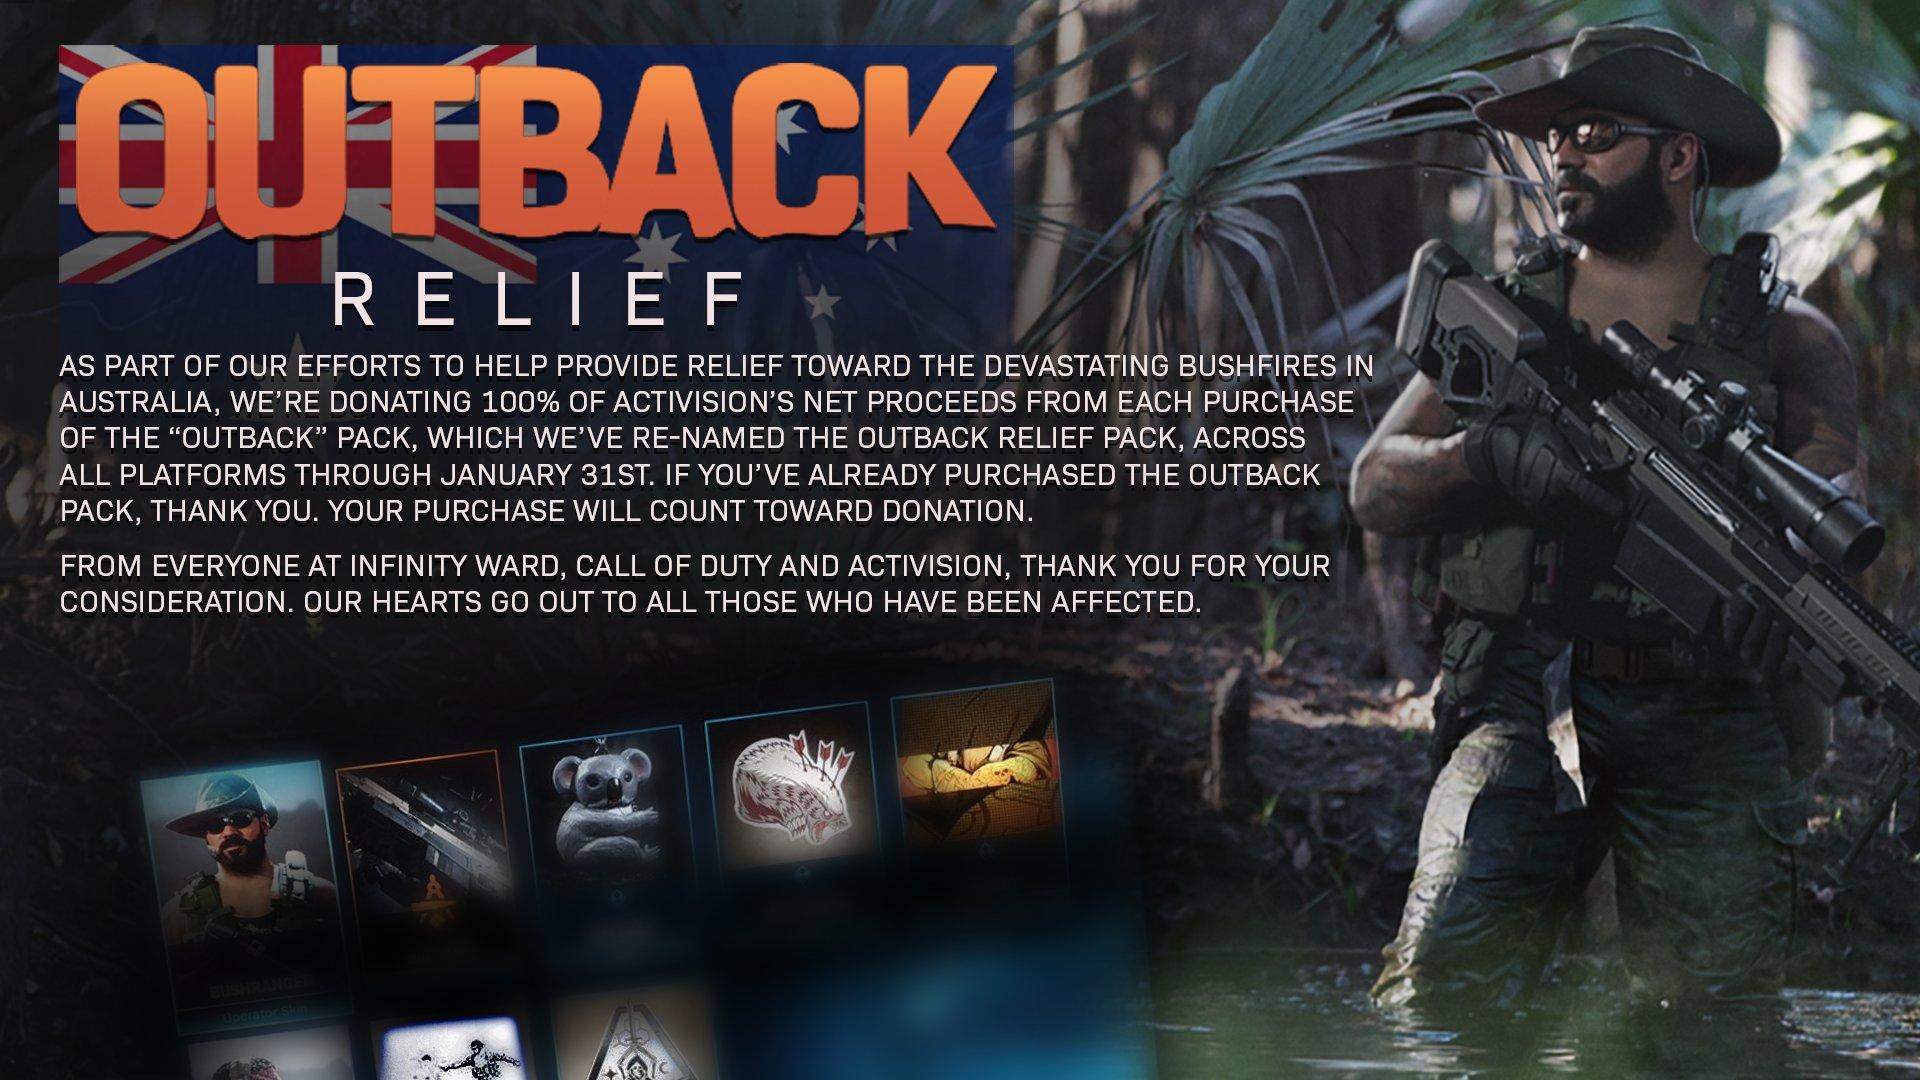 L'ensemble des recettes provenant des ventes du Outback Relief Pack est allé à l'organisme Direct Relief